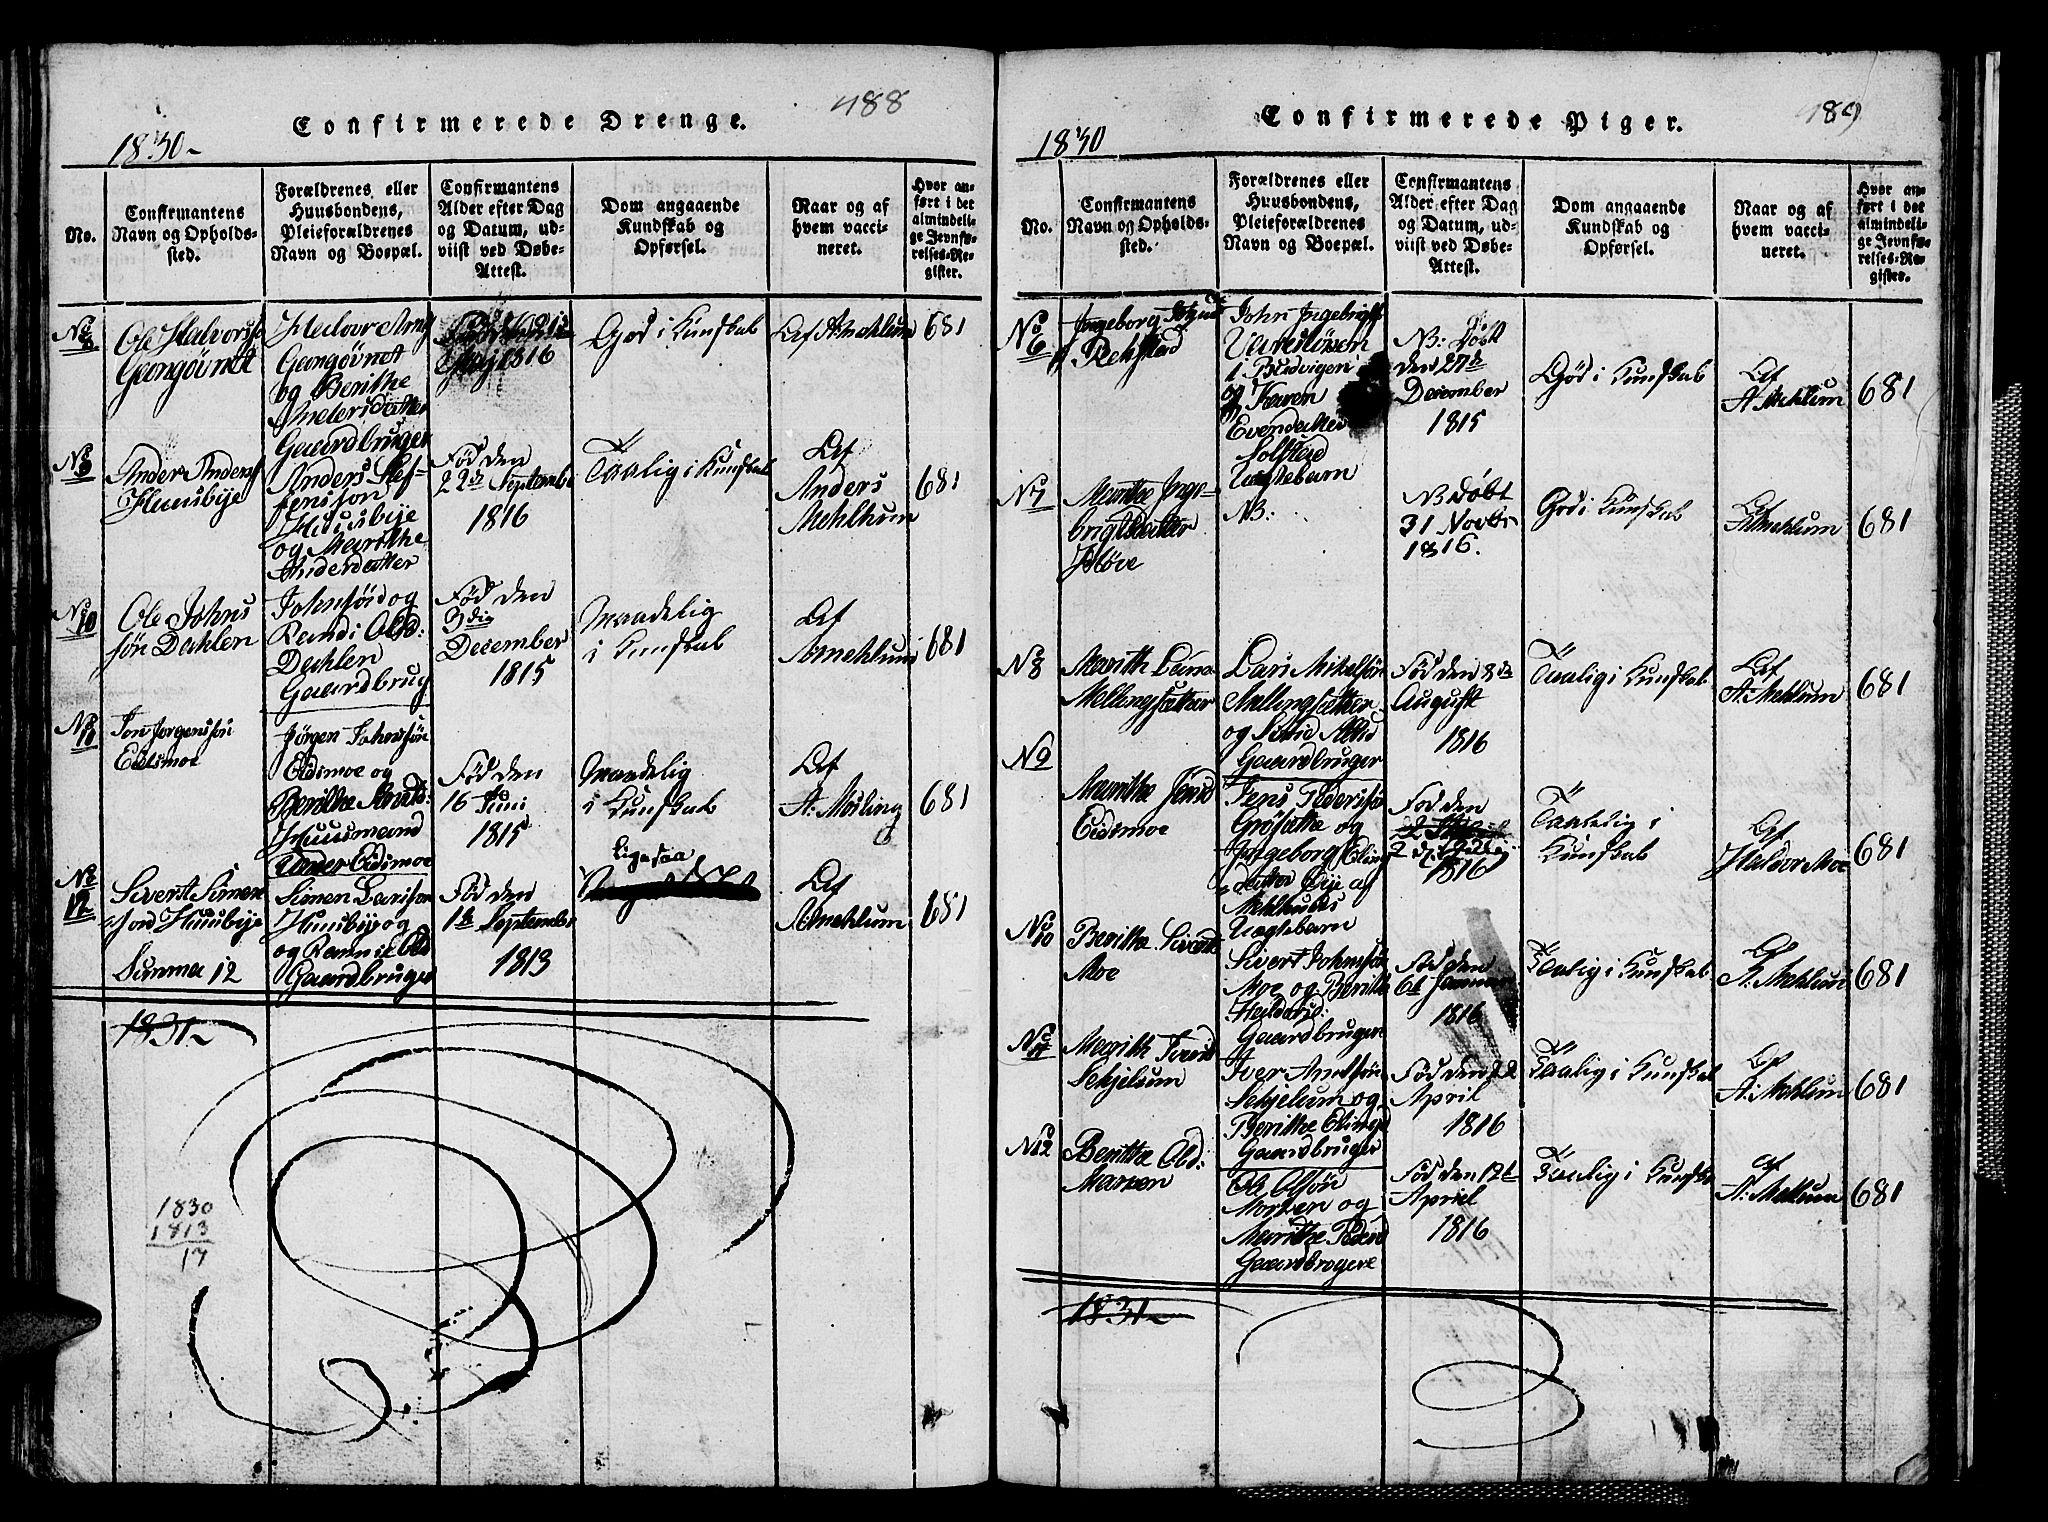 SAT, Ministerialprotokoller, klokkerbøker og fødselsregistre - Sør-Trøndelag, 667/L0796: Klokkerbok nr. 667C01, 1817-1836, s. 488-489